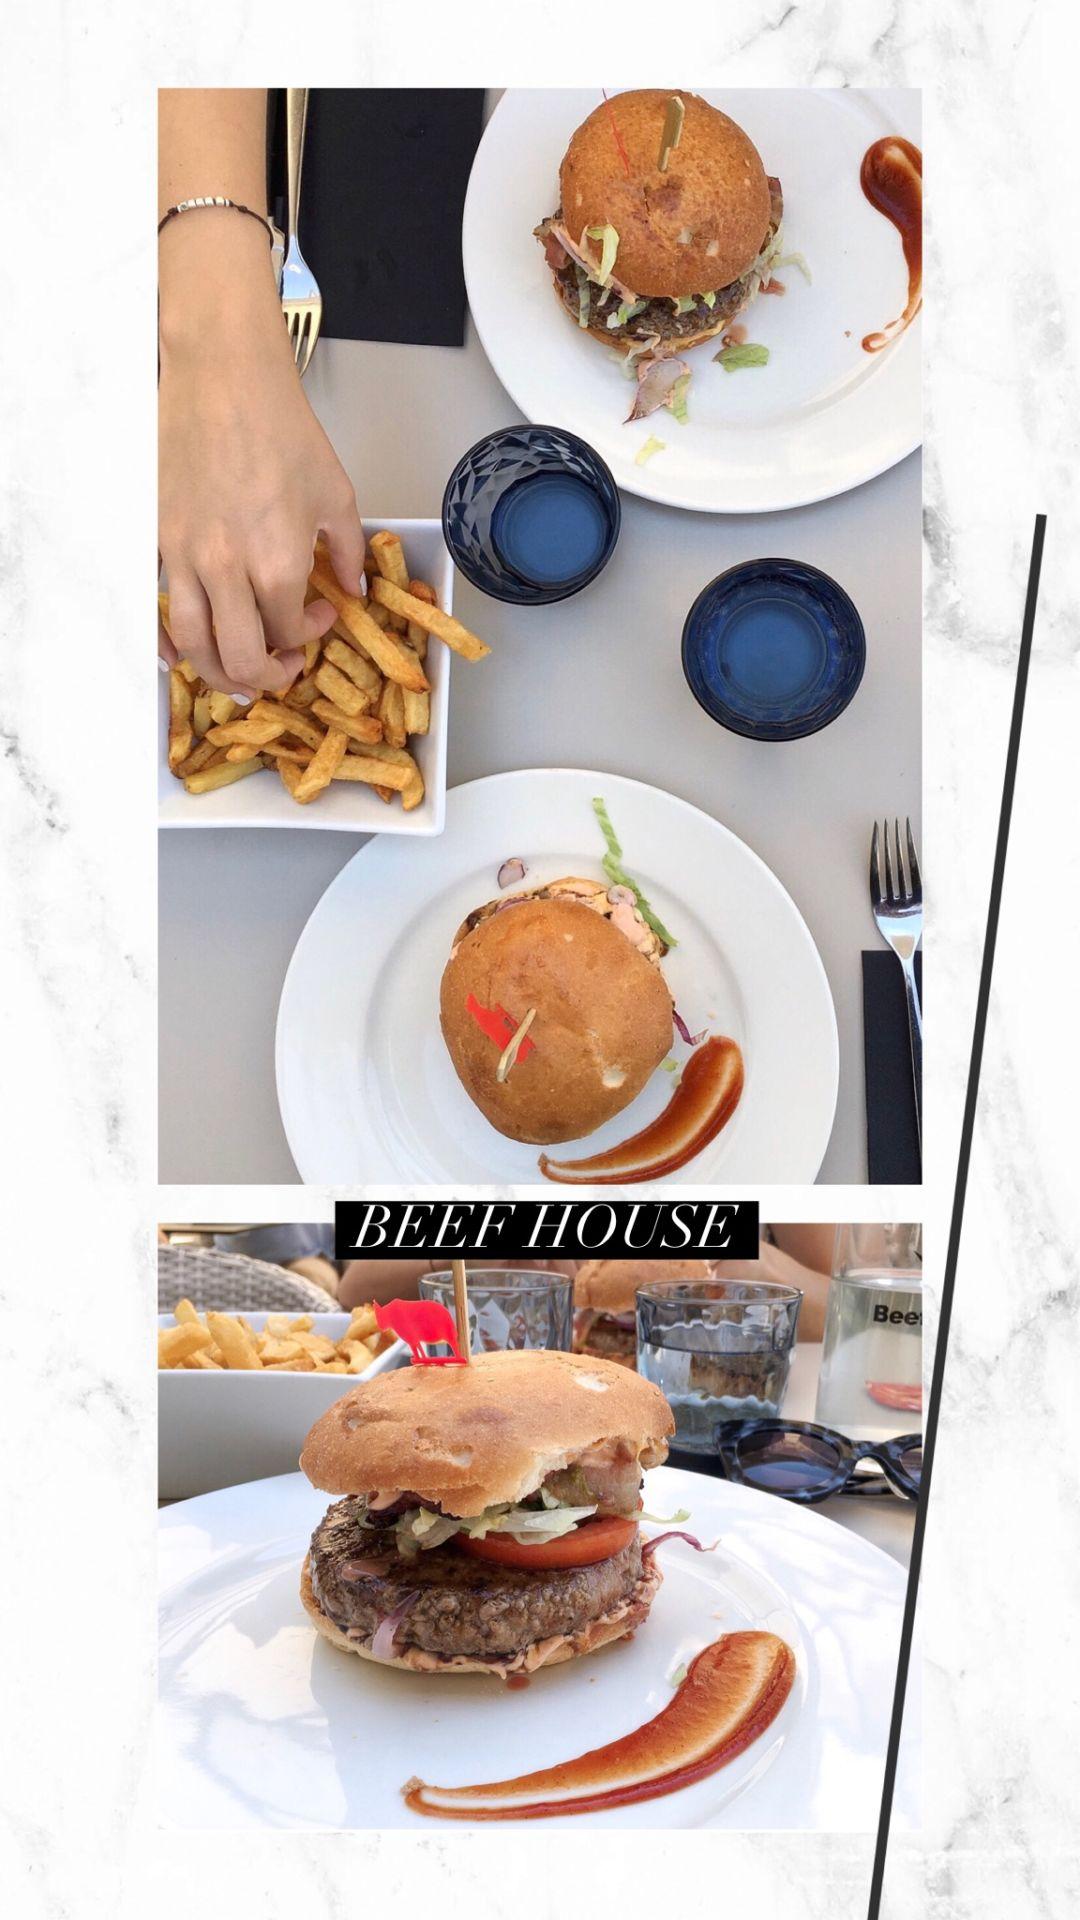 Beef House Marseille Les Terrasses du Port